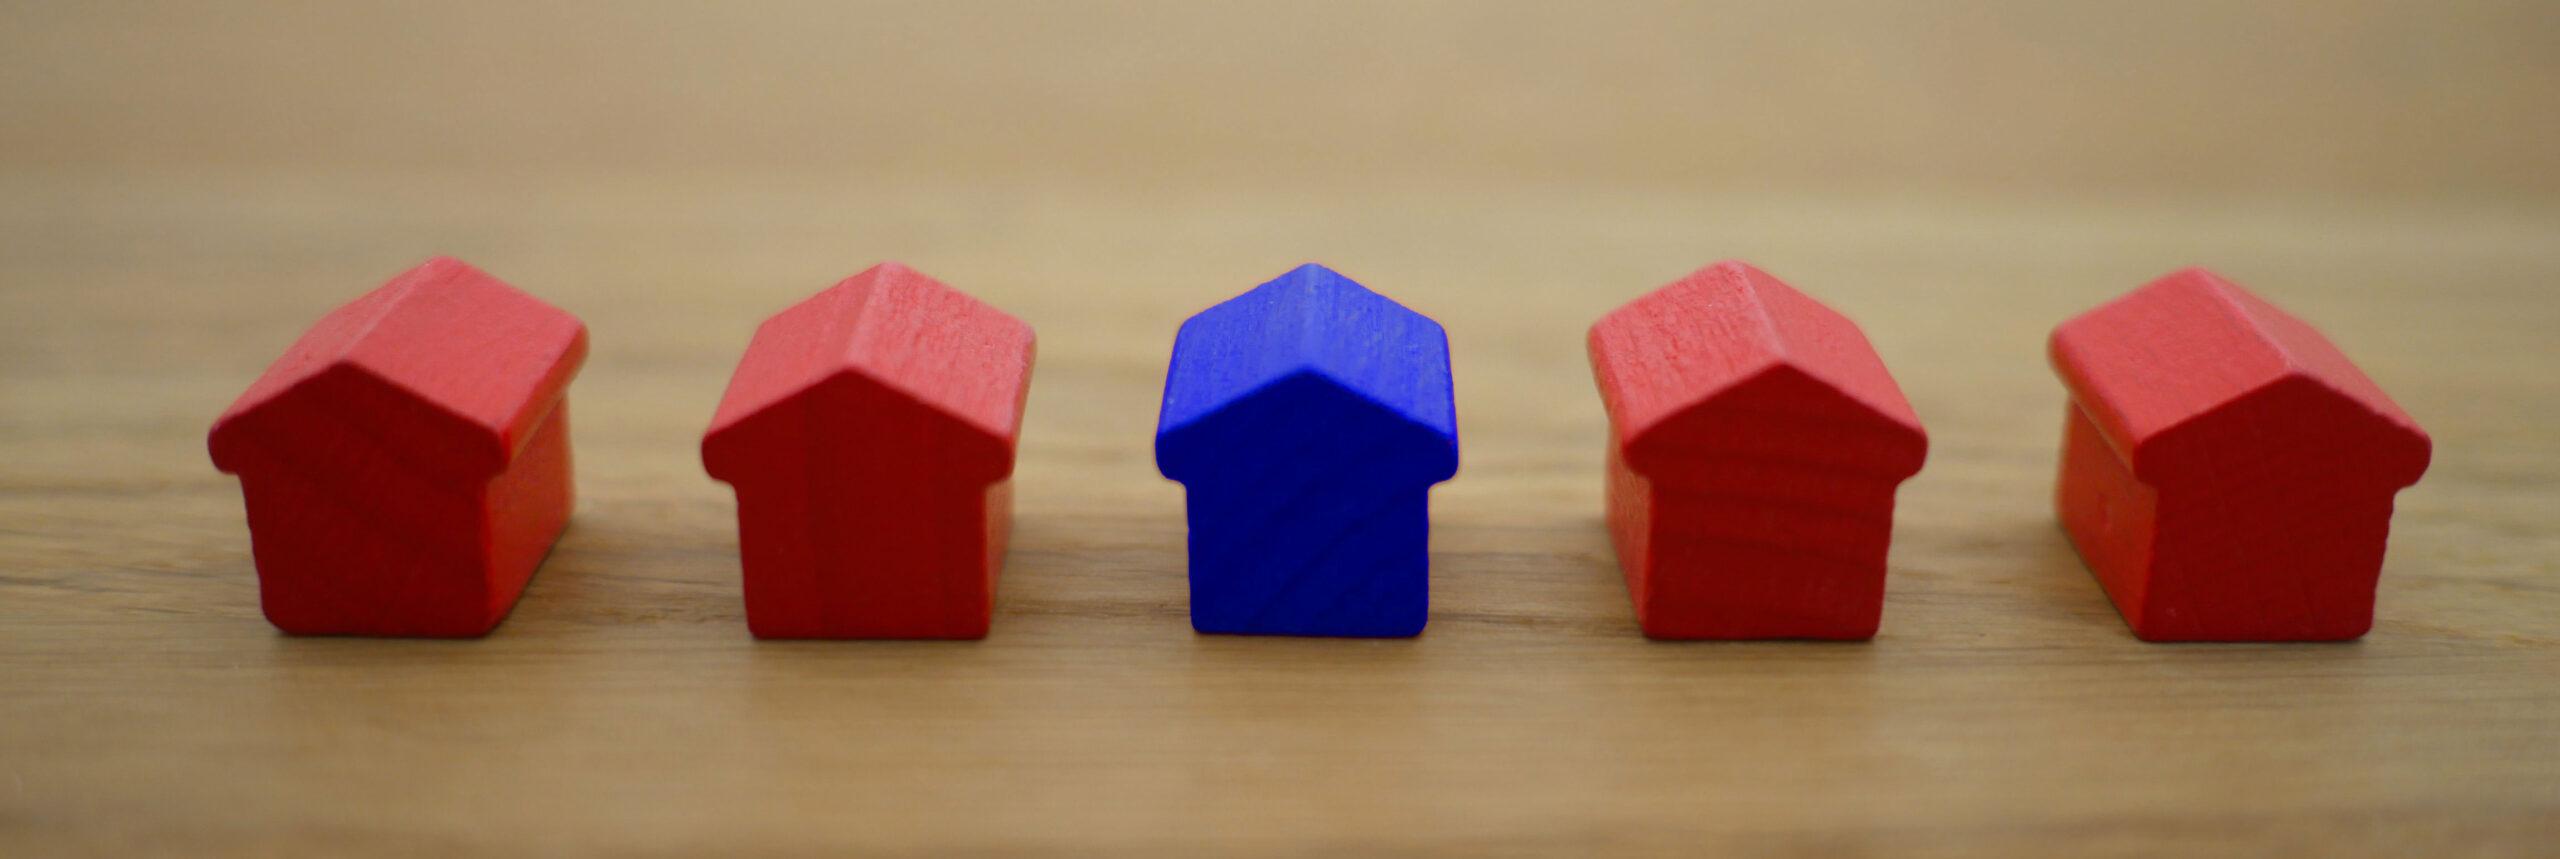 agencije koje otkupljuju nekretnine1